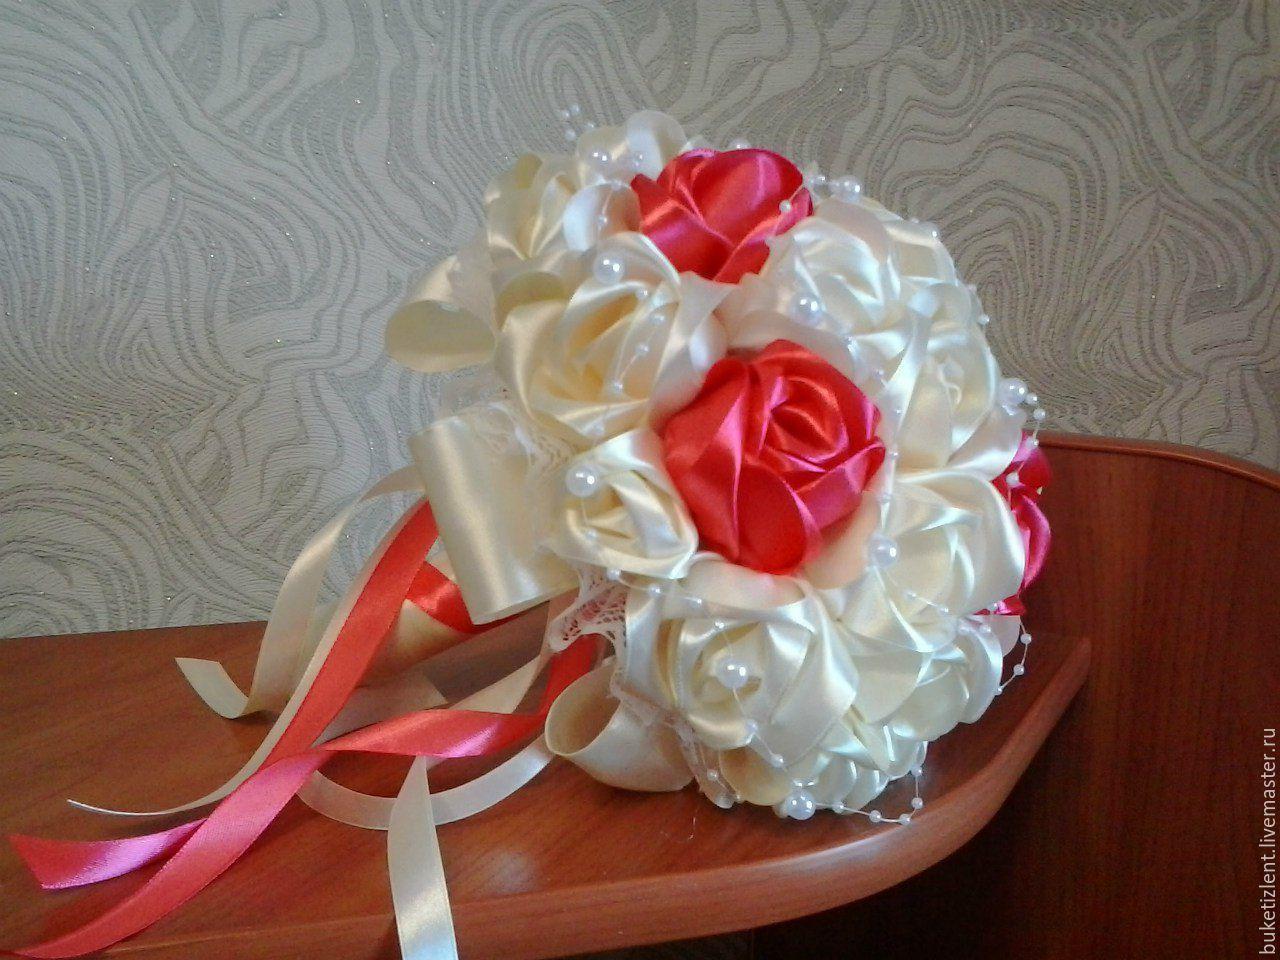 Свадебный букет цветы из лент мастер класс, букетов невесты купить